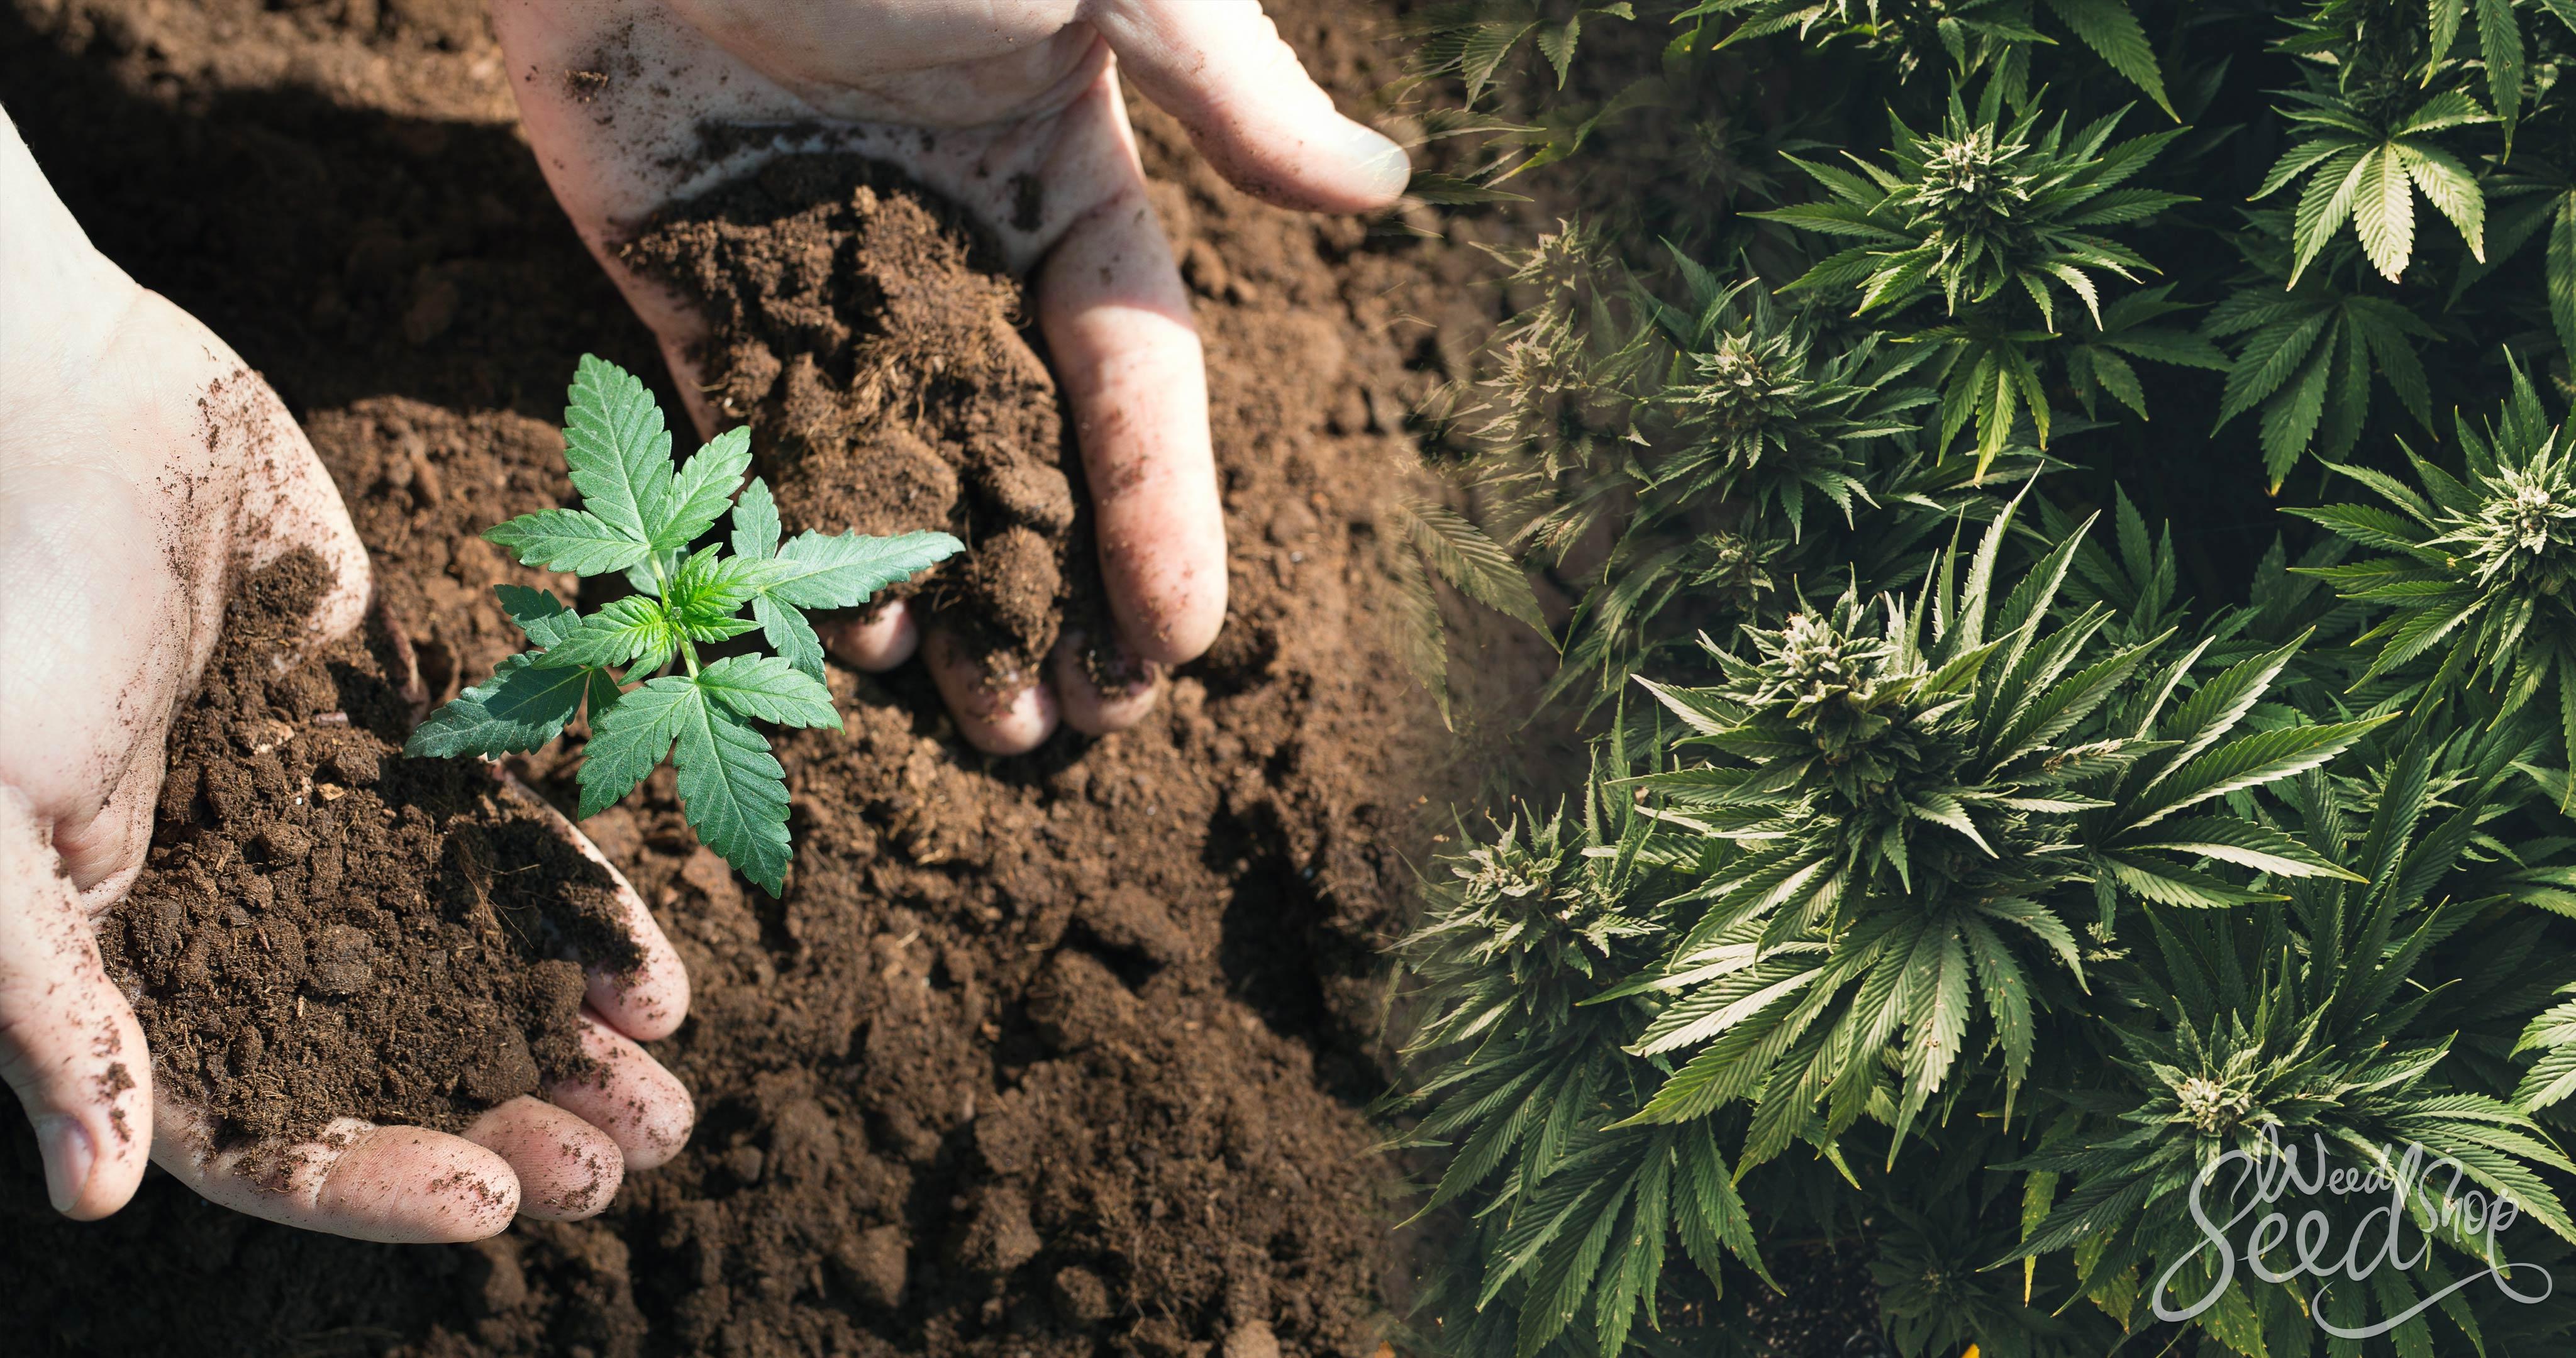 De levenscyclus van een wietplant: 6 fases - WeedSeedShop